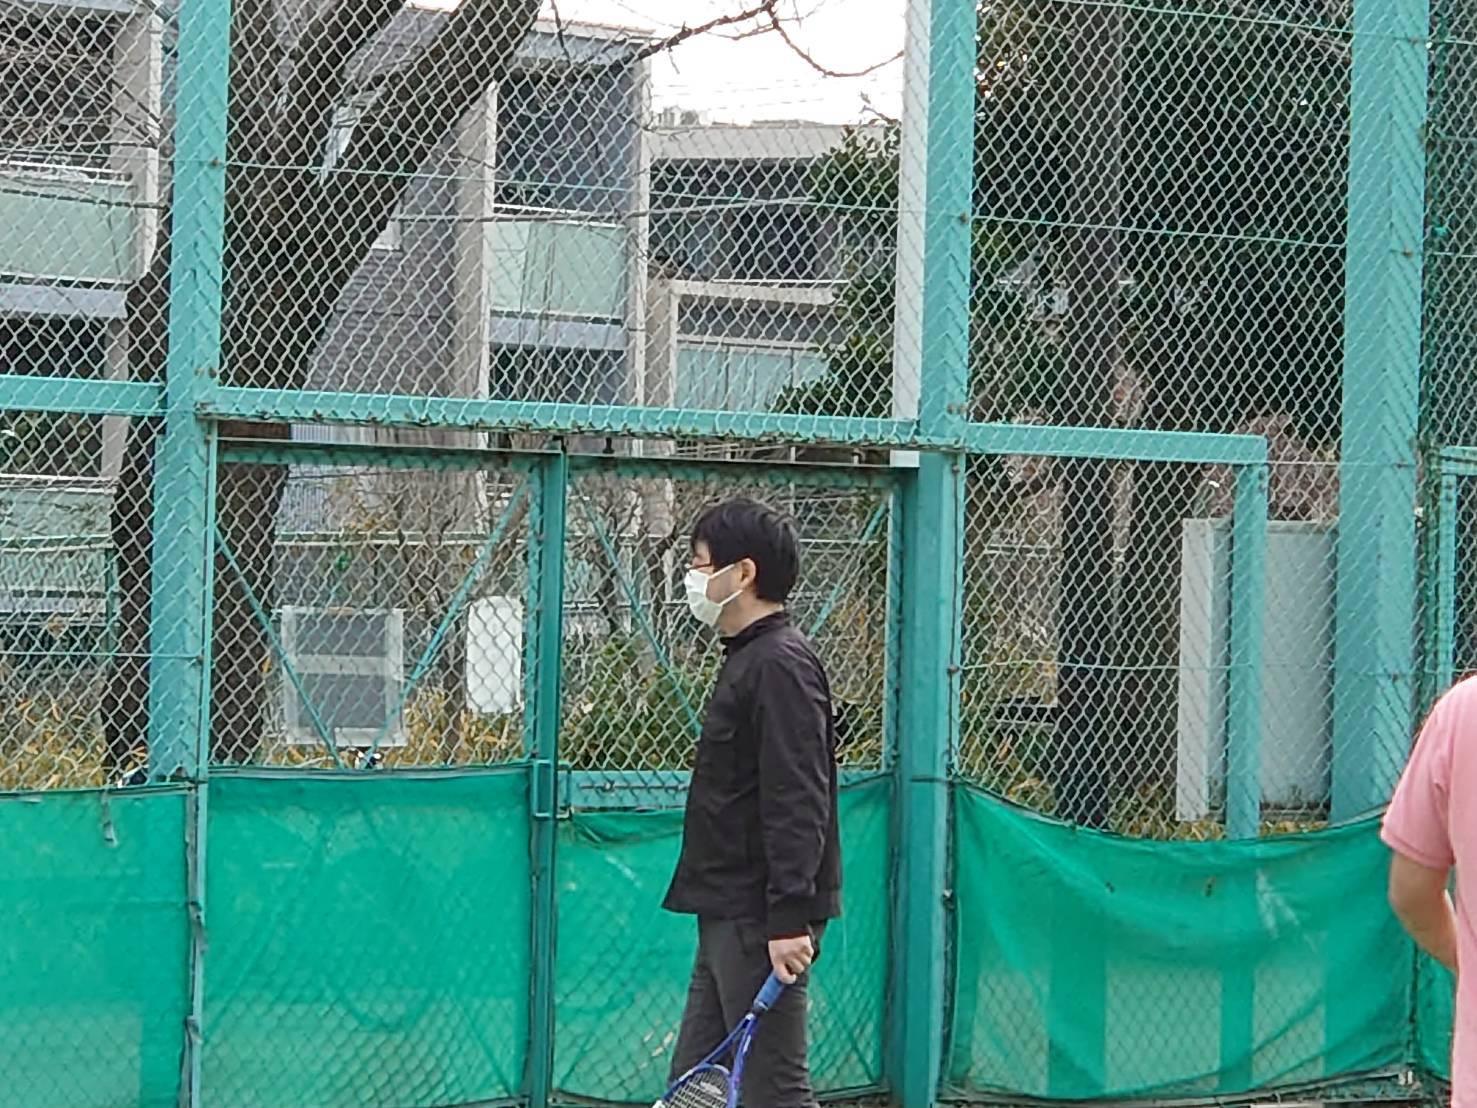 「モンマステニス」_a0075684_09490594.jpg